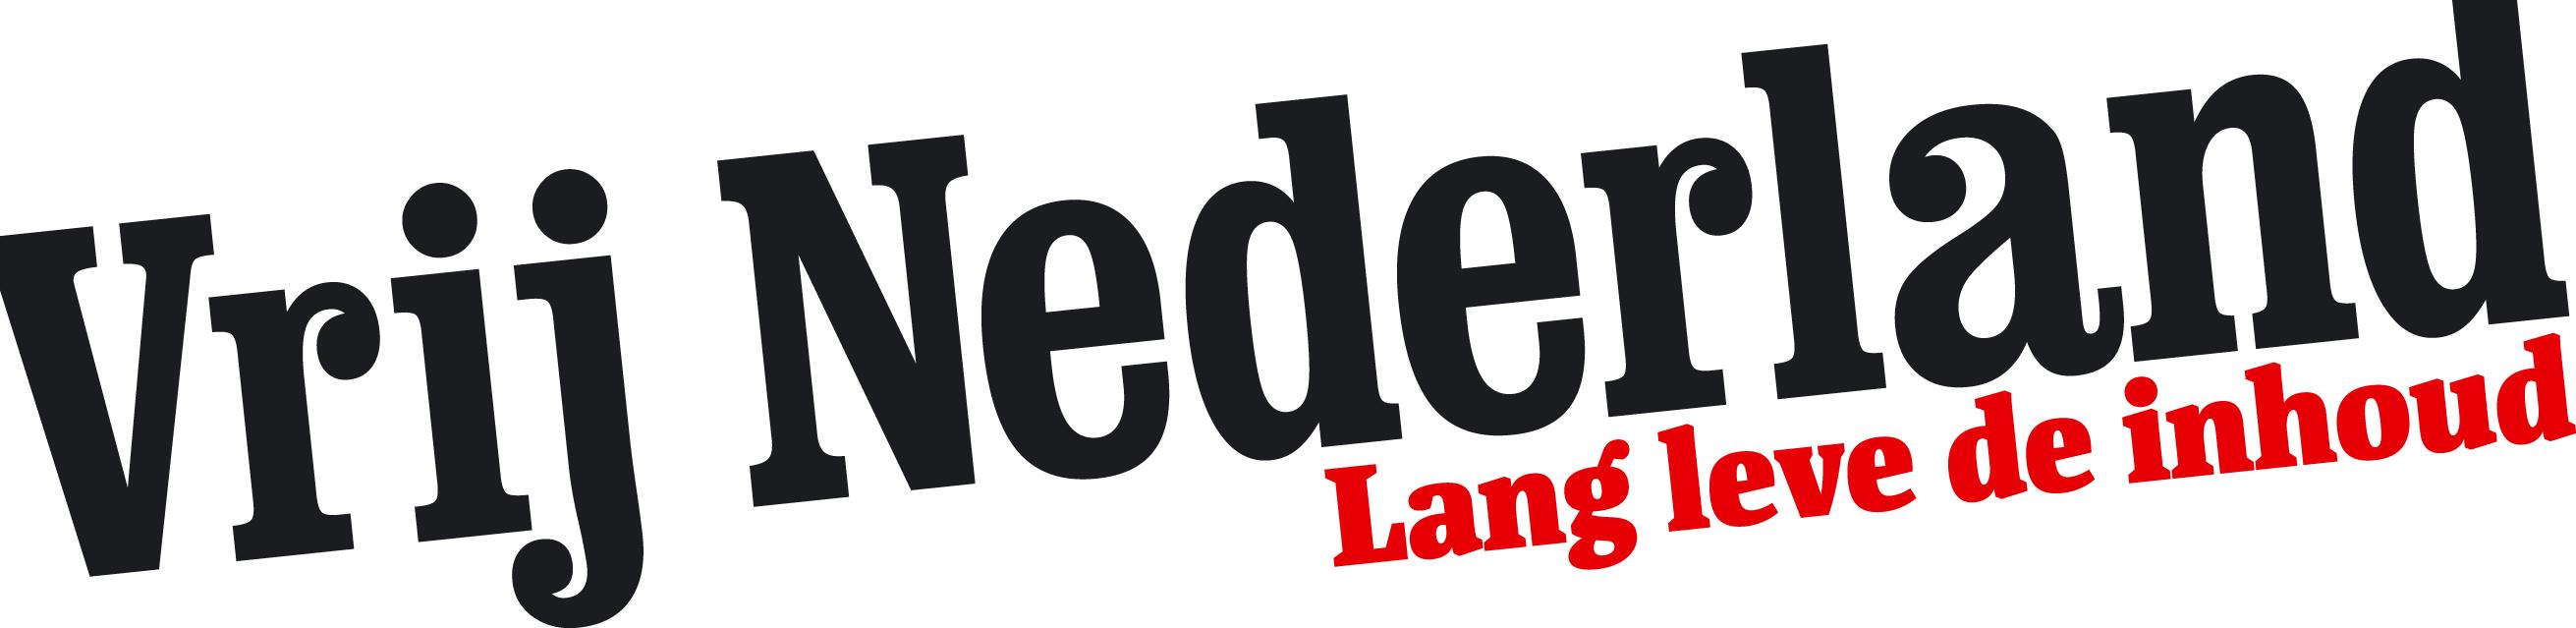 Kleine reorganisatie Vrij Nederland, Mediafacts, MediaFacts